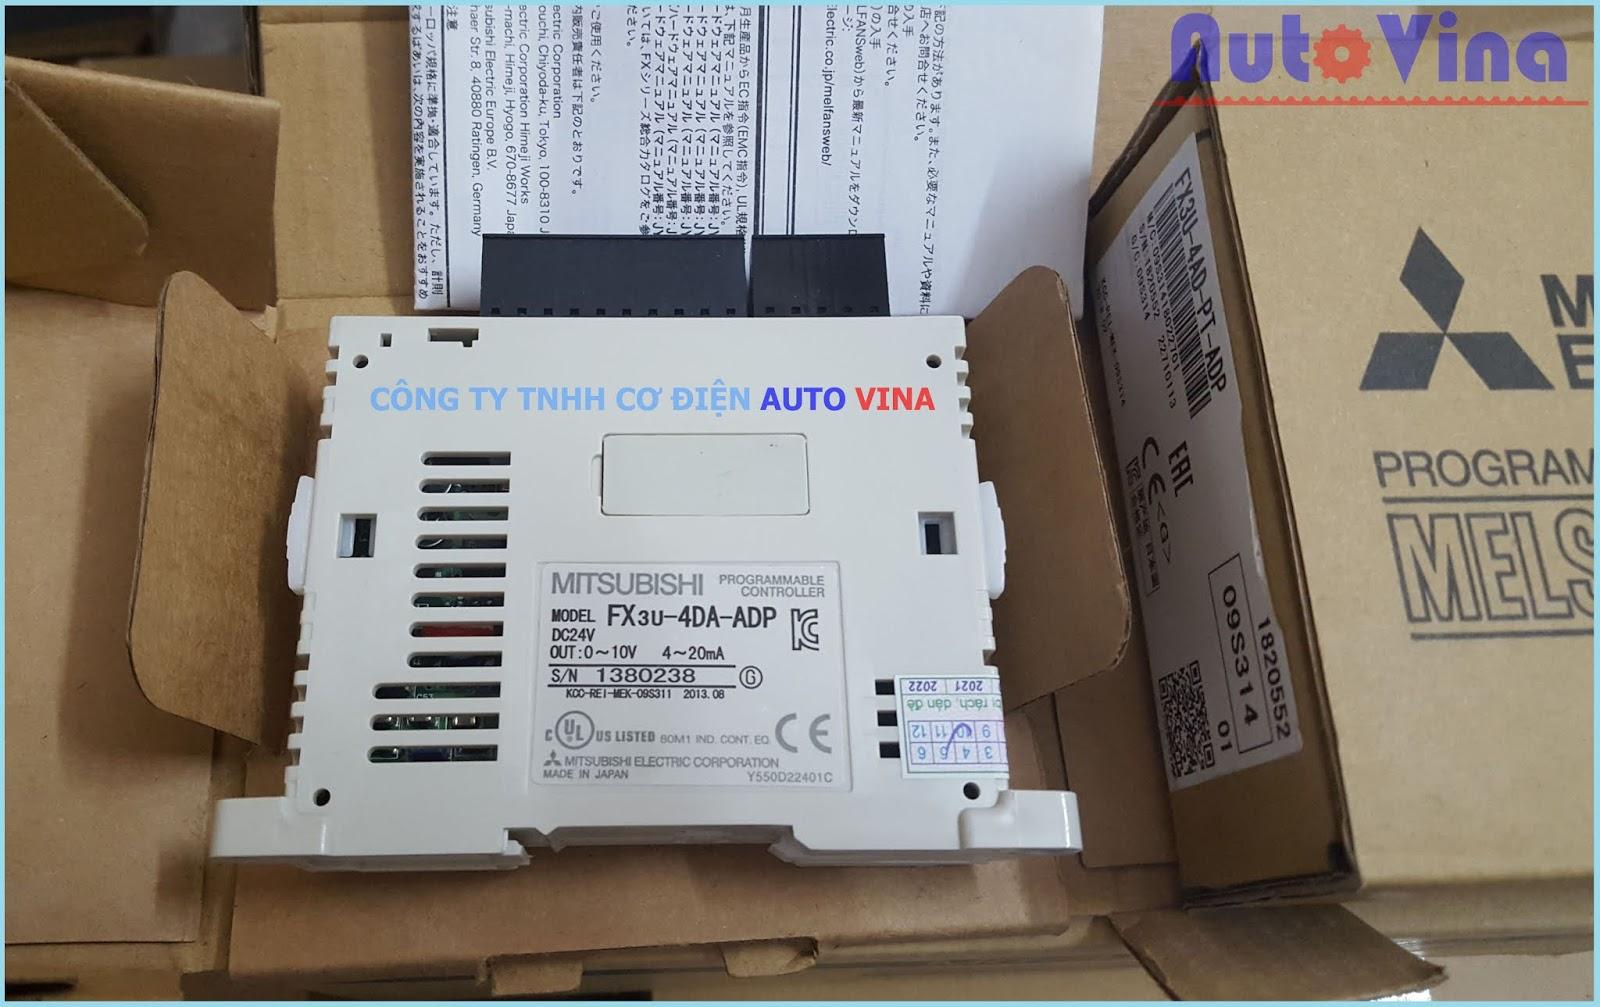 Đại lý bán thiết bị tự động hóa PLC Mitsubishi Module FX3U-4DA-ADP hàng mới đầy đủ phụ kiện